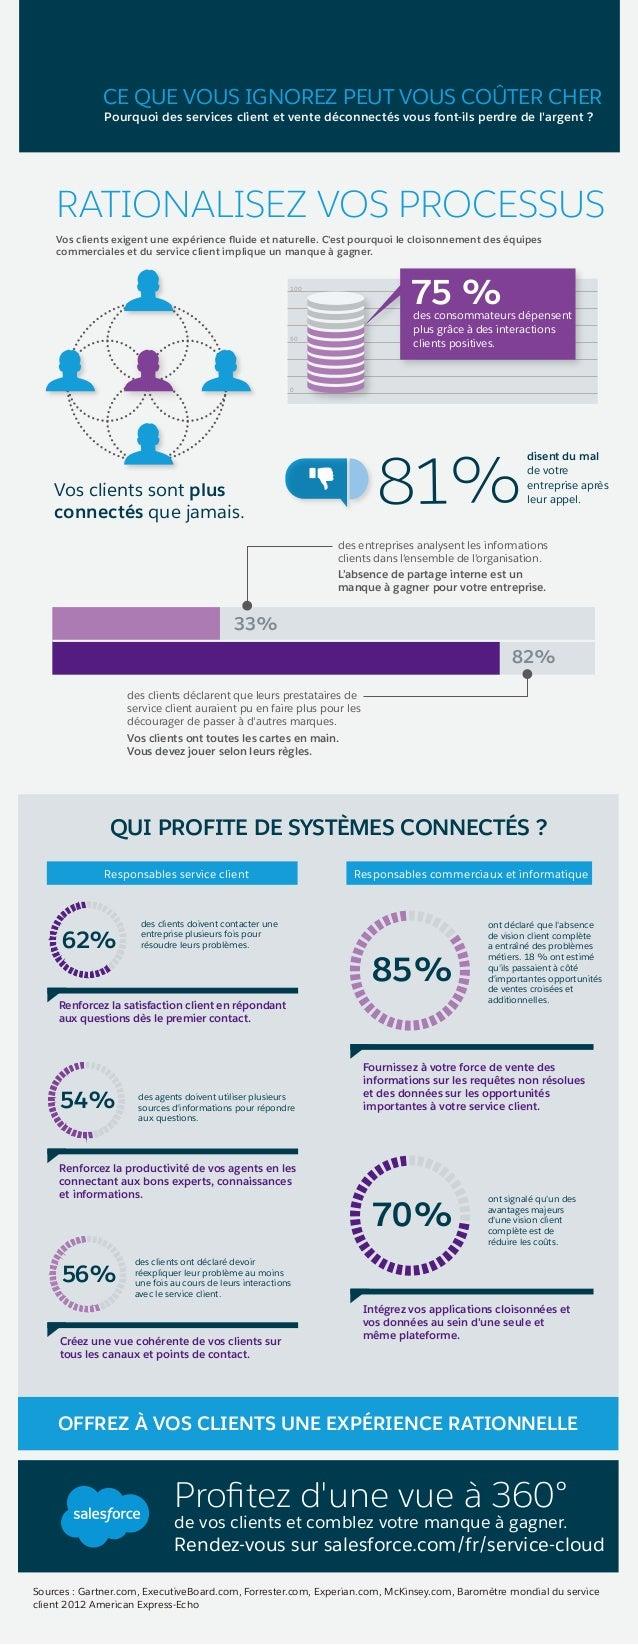 Sources : Gartner.com, ExecutiveBoard.com, Forrester.com, Experian.com, McKinsey.com, Baromètre mondial du service client ...